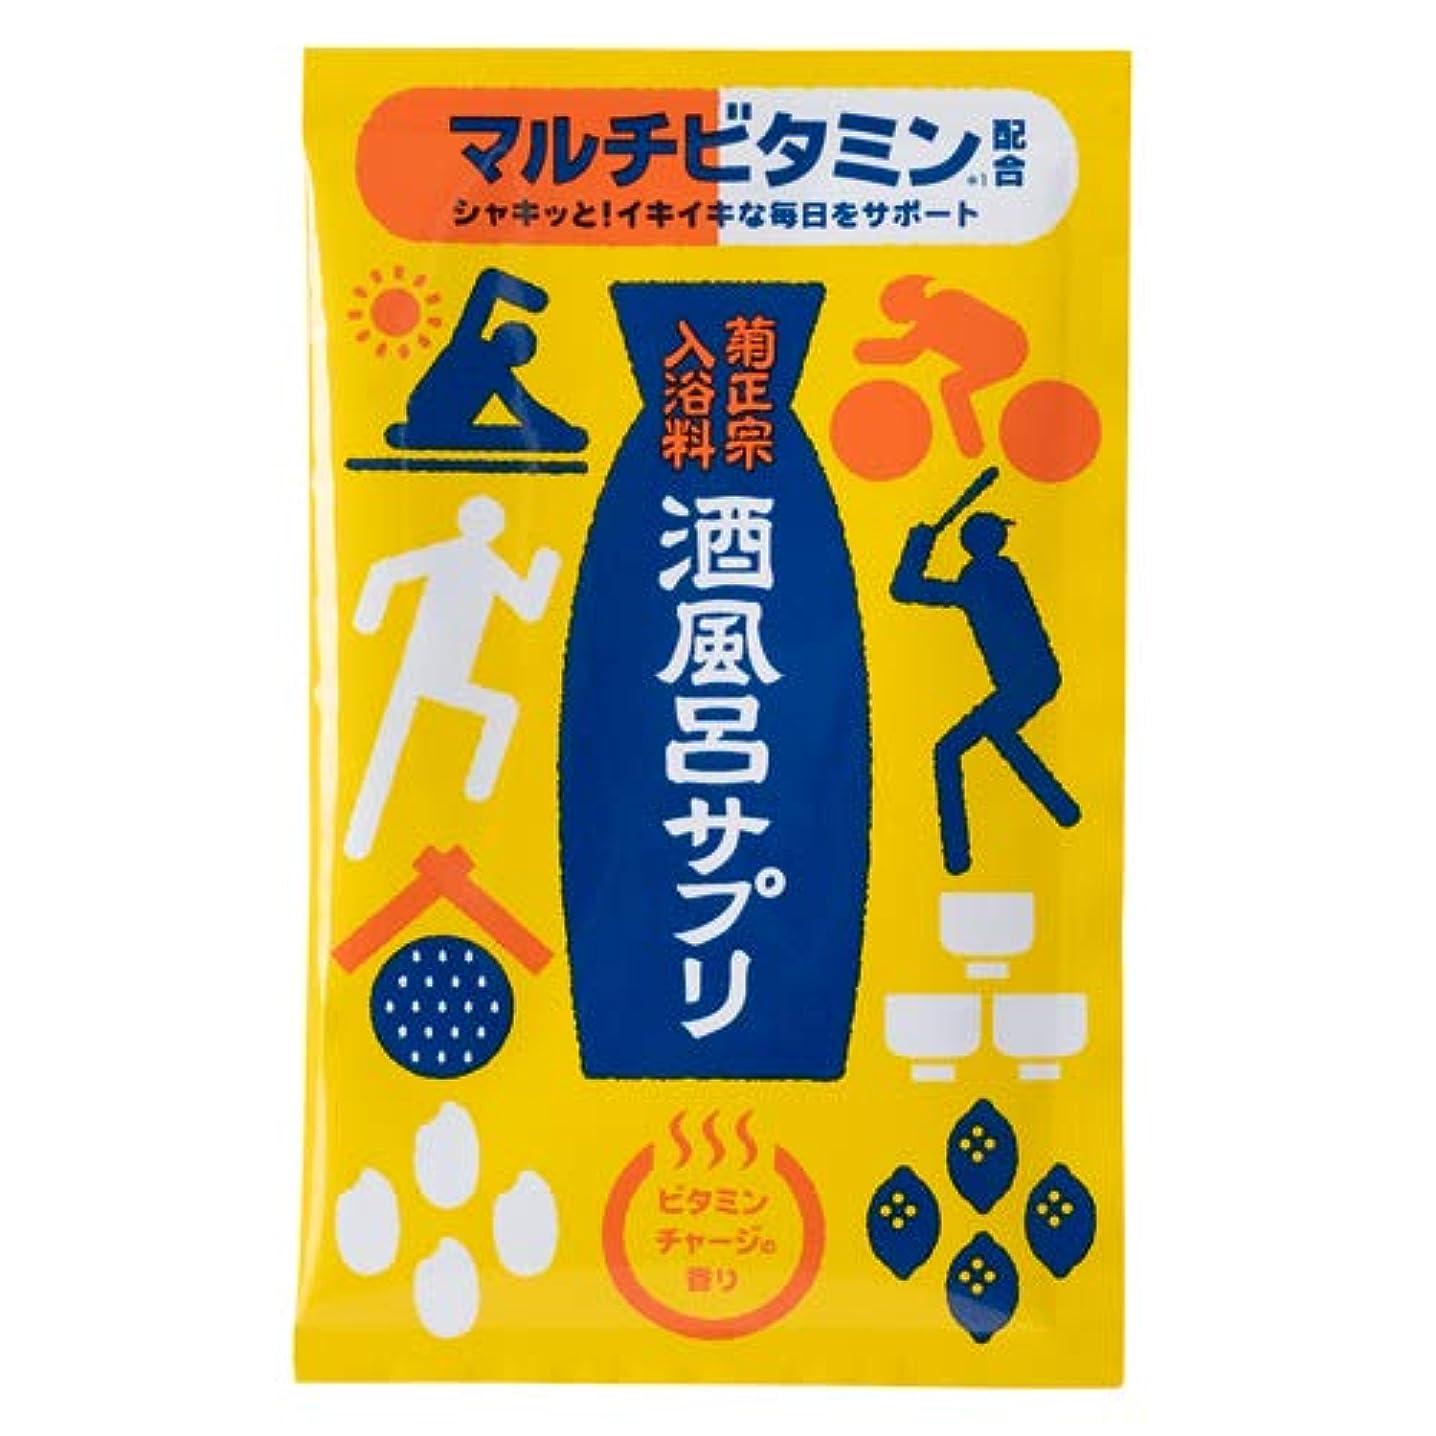 正直本気オレンジ菊正宗 入浴料 酒風呂サプリ マルチビタミン